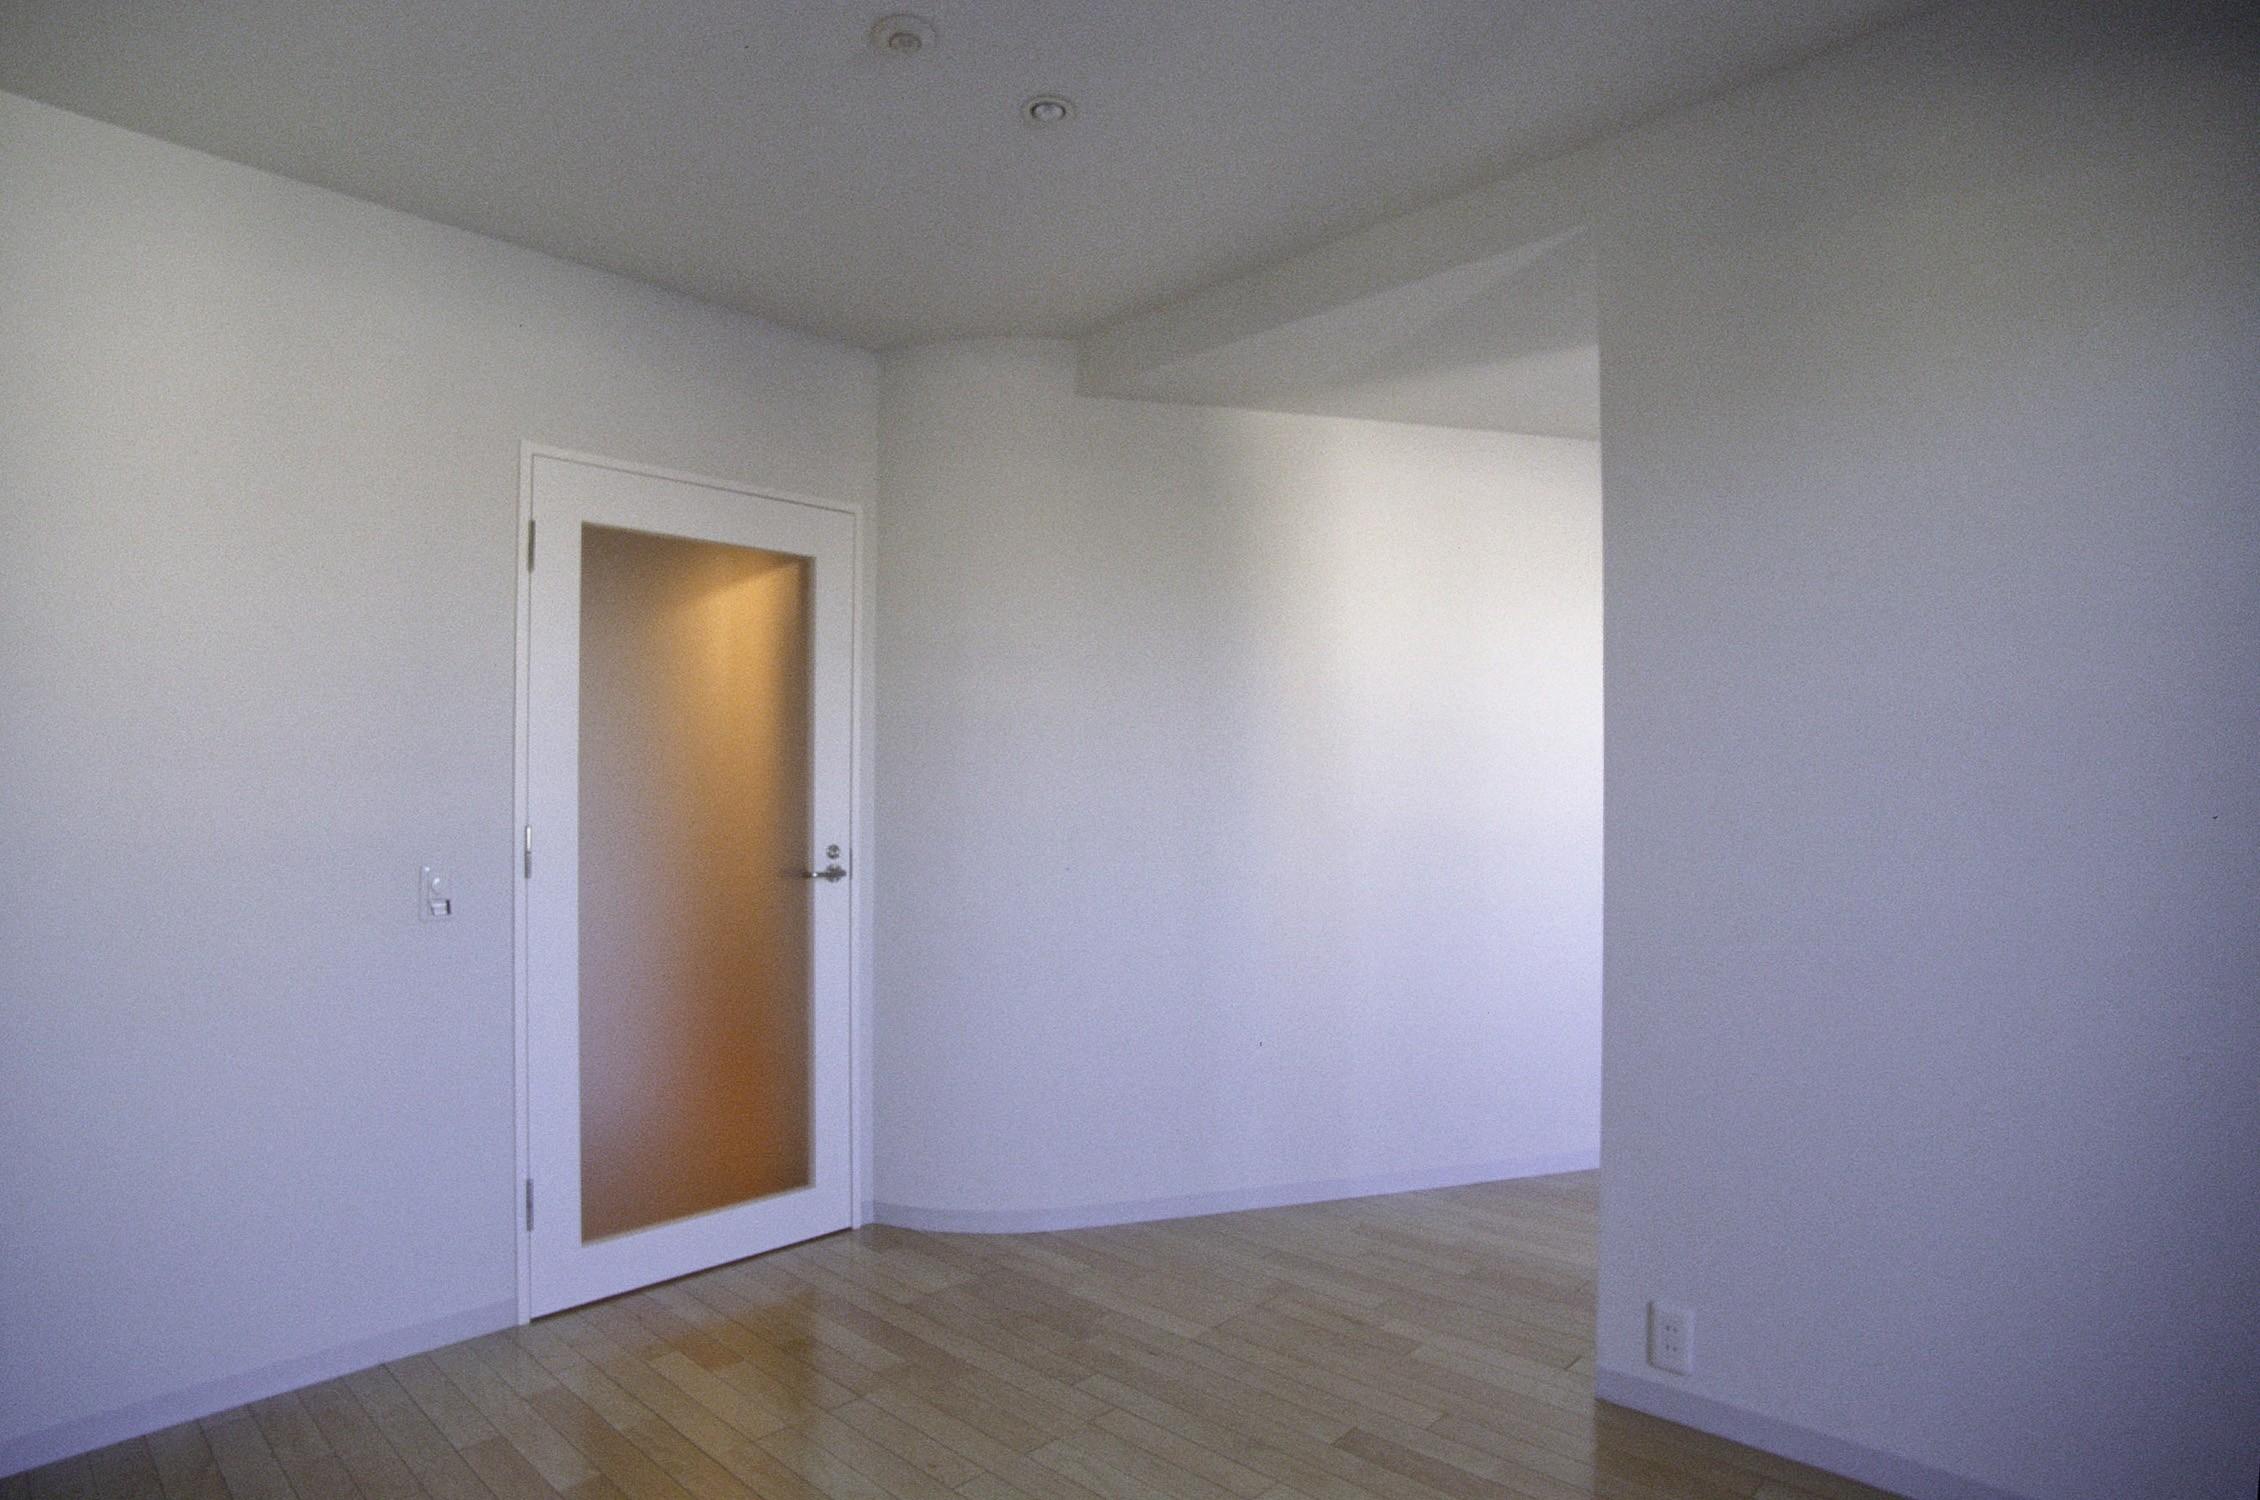 ベッドルーム事例:主寝室(東京中野 ミニマル・シンプルな空間へマンションリノベーション)